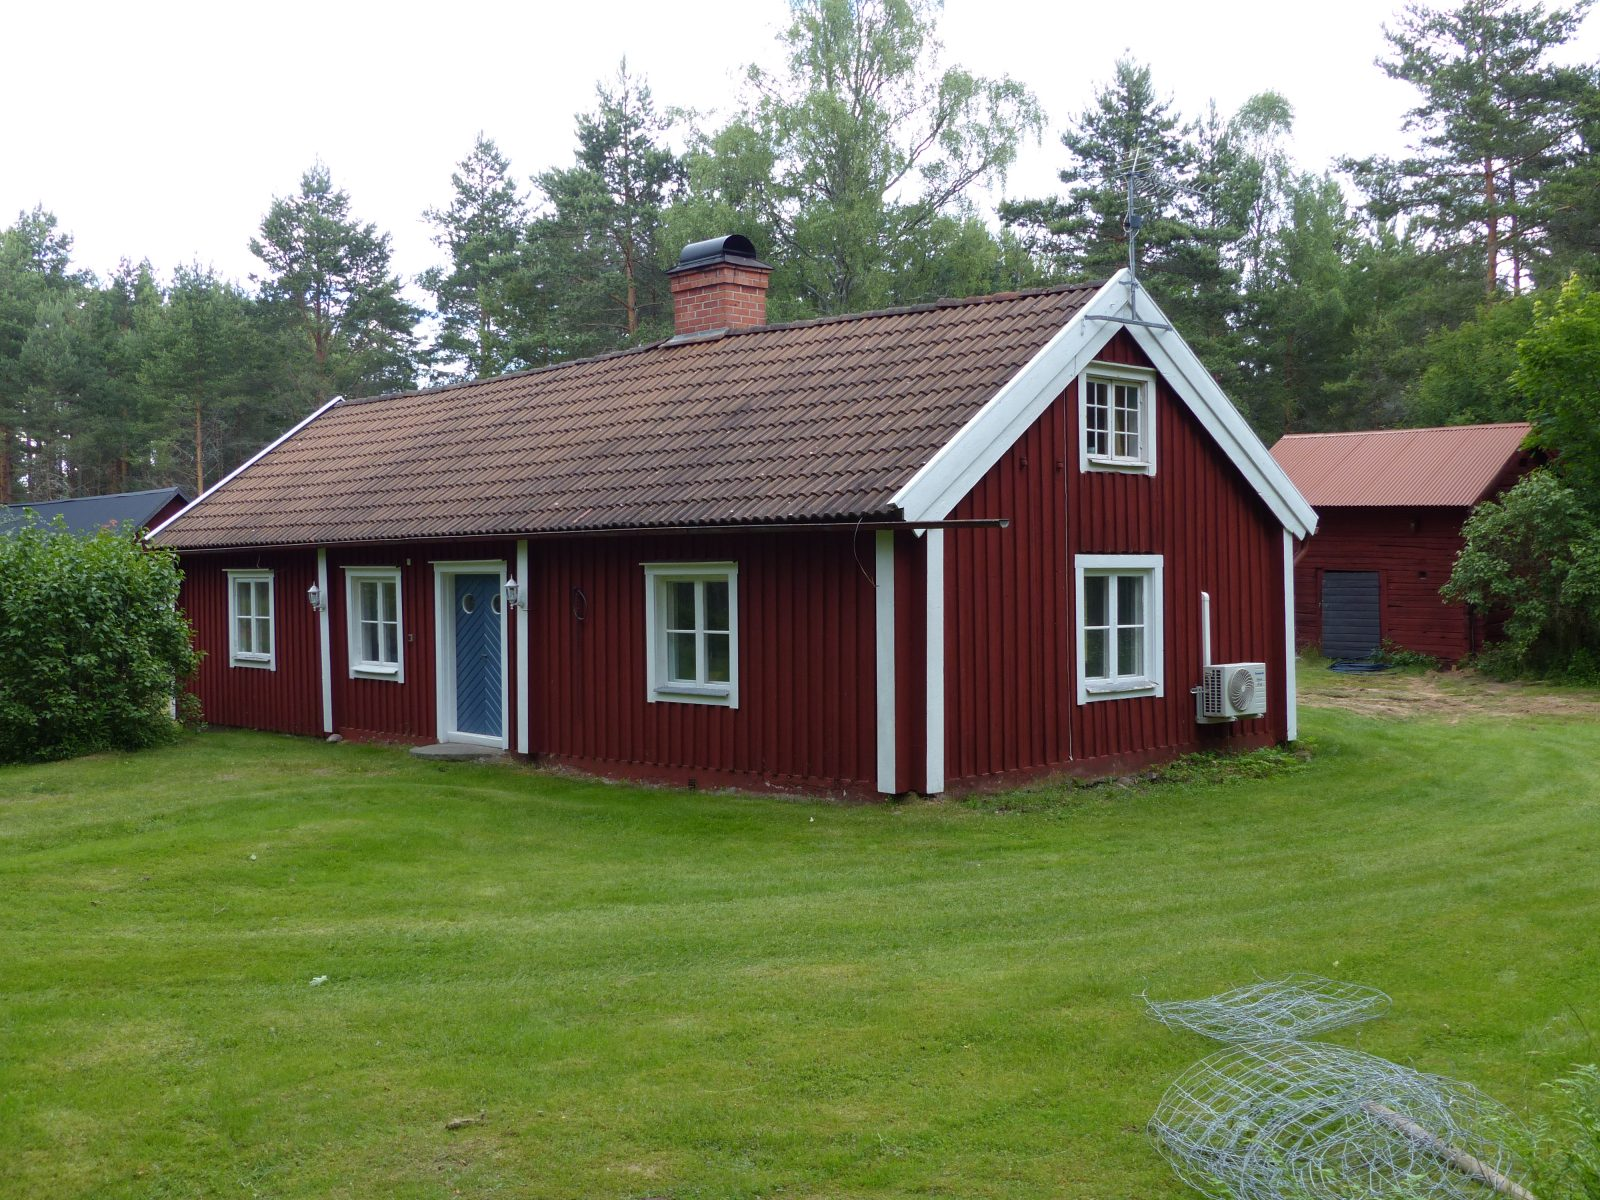 Sommarstuga, - Ferienhäuser, - Vakantiehuisjes, Brostugan